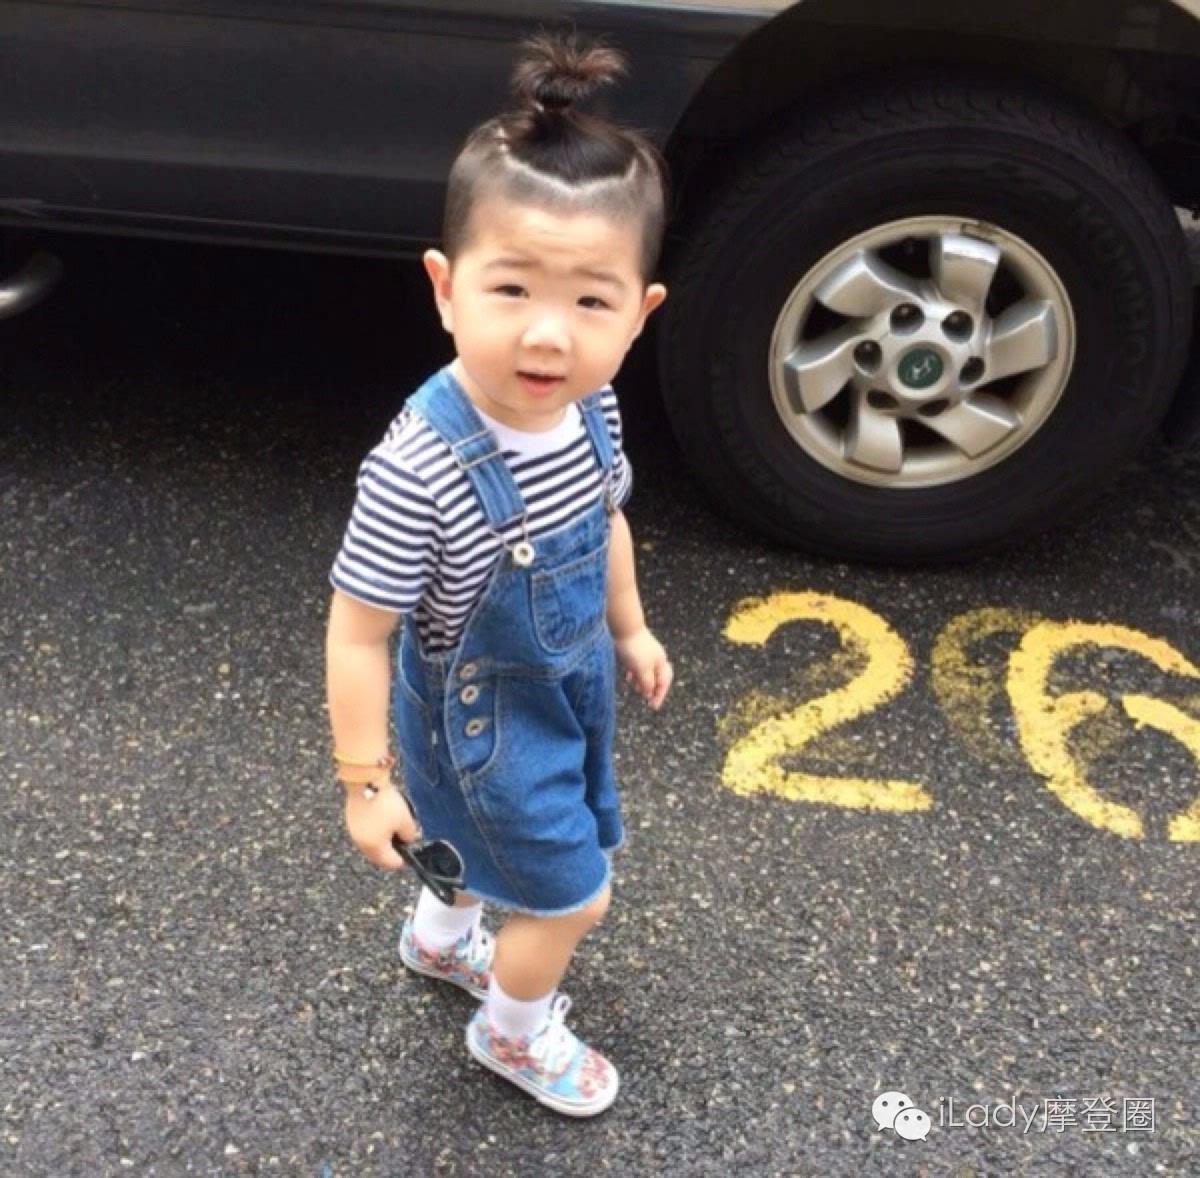 小男孩韩式高扎小辫子发型